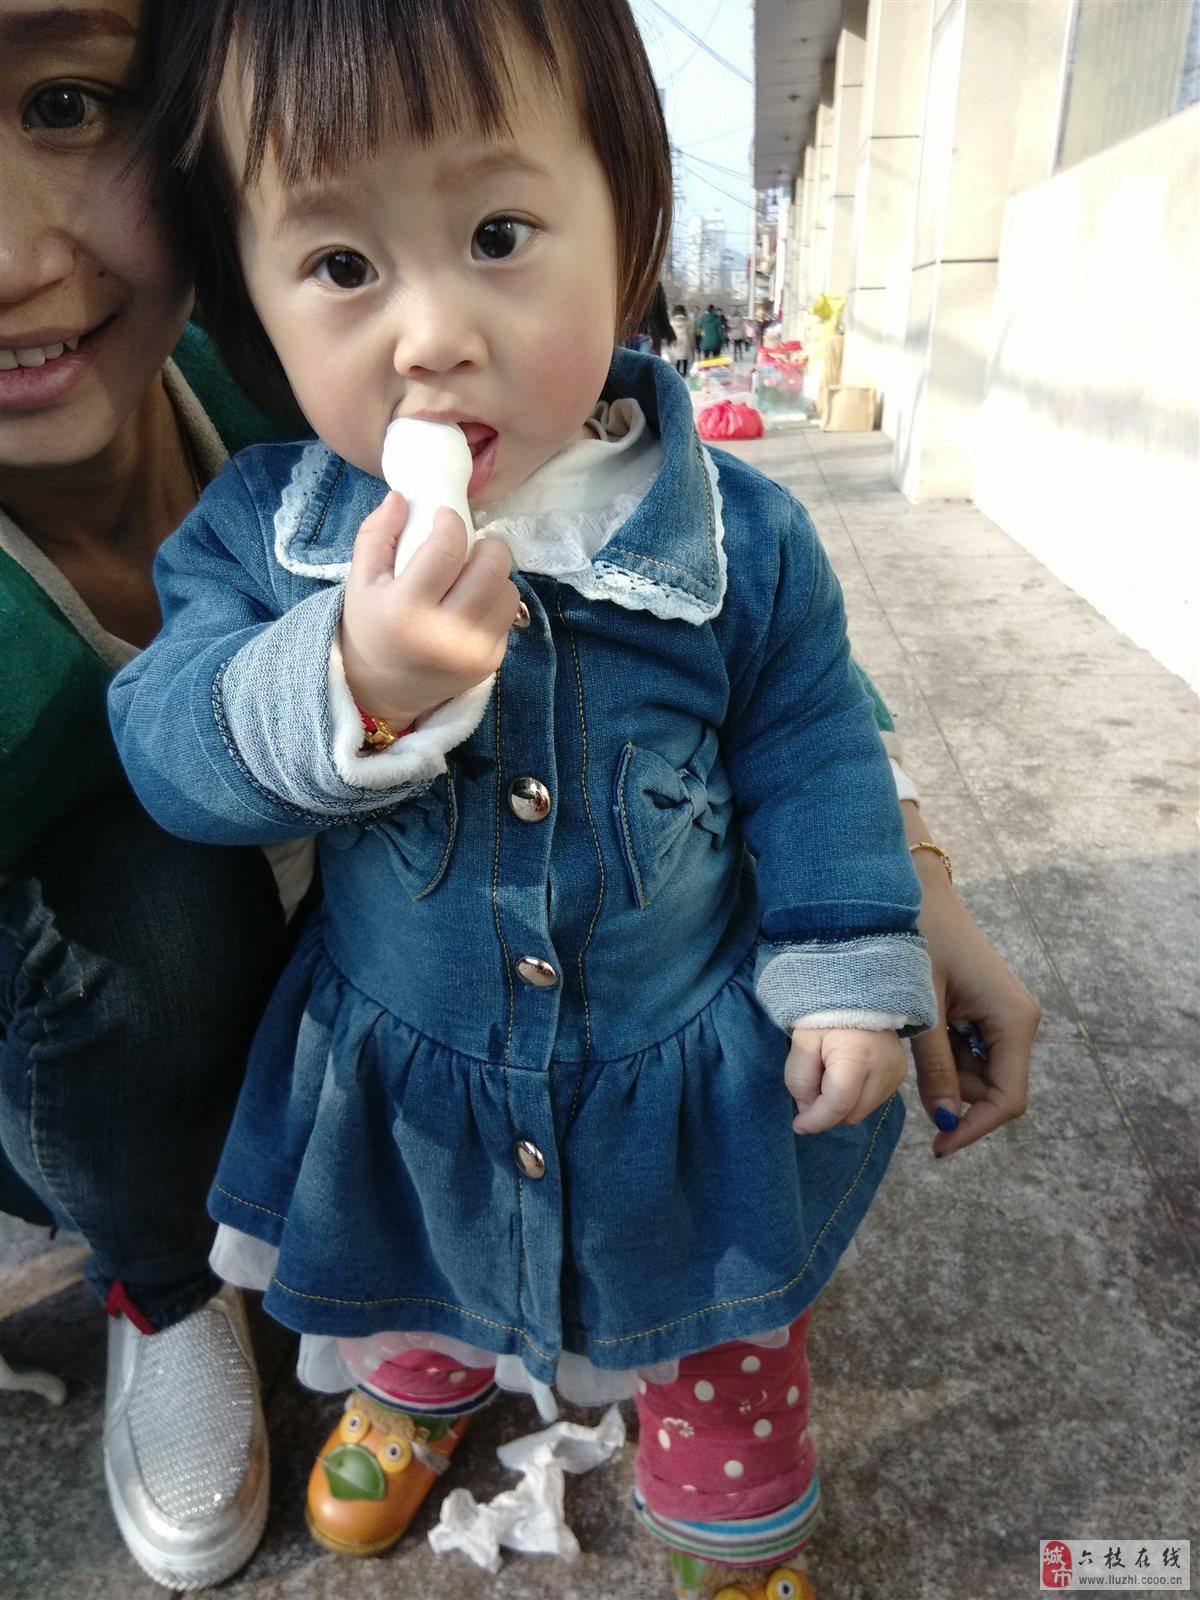 《六枝微封面》第六期No.3 韦梓萱 1 双鱼 学龄前儿童